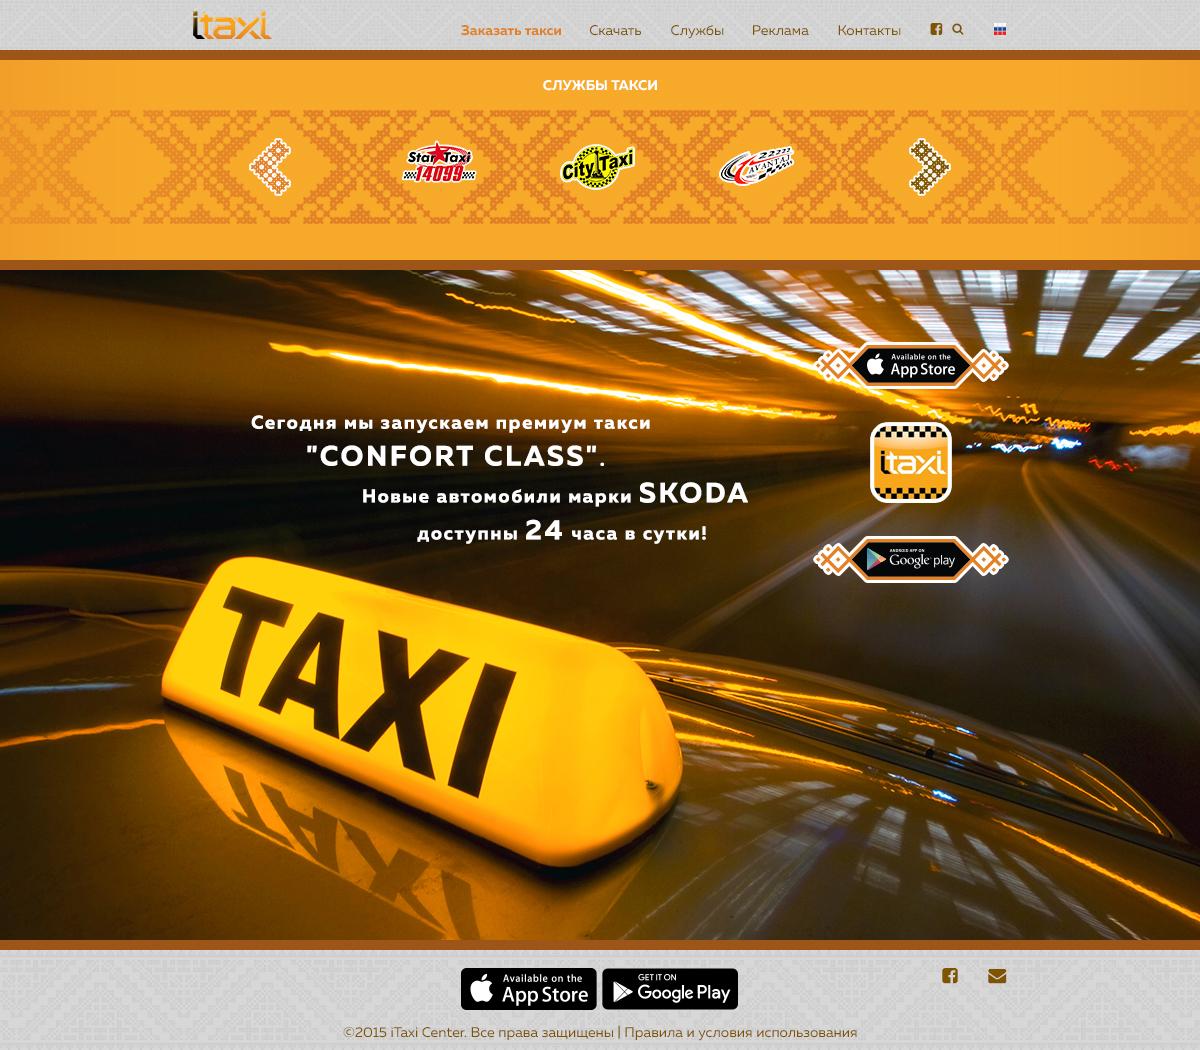 Редизайн сайта www.itaxi.md фото f_3225a0b8cd7c1034.jpg